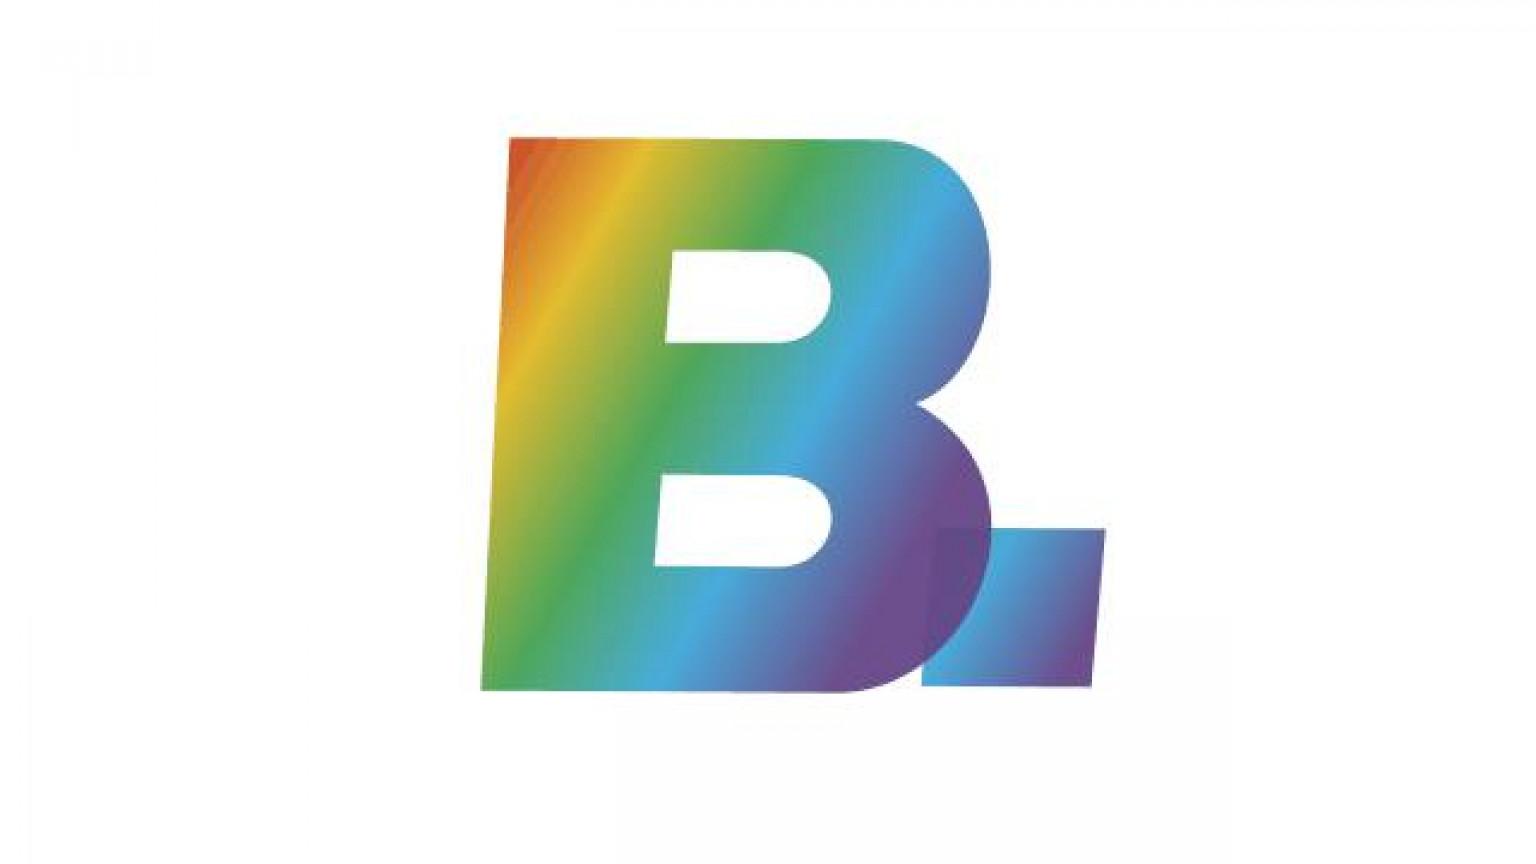 Logo of Peer to Peer lender Blend